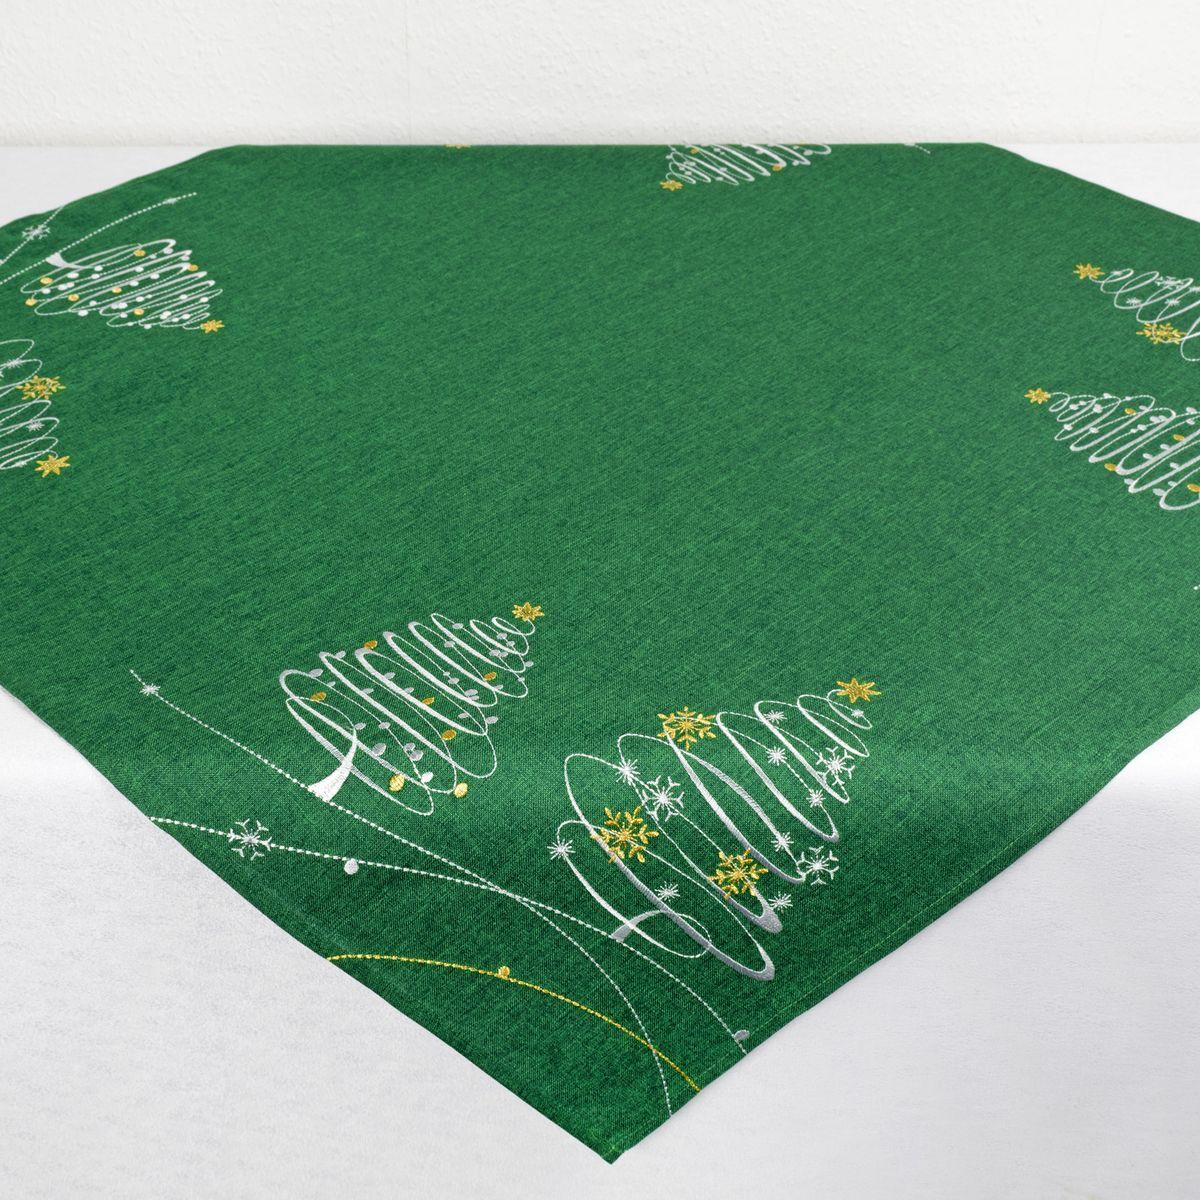 Скатерть Schaefer, квадратная, цвет: зеленый, 85 х 85 см. 07865-1006со5893-1Стильная скатерть Schaefer, выполненная из полиэстера, украшена вышивкой. Вышивка дает эффект объема за счет направления стежков при вышивании.Изделия из полиэстера легко стирать: они не мнутся, не садятся и быстро сохнут, они более долговечны, чем изделия из натуральных волокон.Немецкая компания Schaefer создана в 1921 году. На протяжении всего времени существования она создает уникальные коллекции домашнего текстиля для гостиных, спален, кухонь и ванных комнат. Дизайнерские идеи немецких художников компании Schaefer воплощаются в текстильных изделиях, которые сделают ваш дом красивее и уютнее и не останутся незамеченными вашими гостями. Дарите себе и близким красоту каждый день!